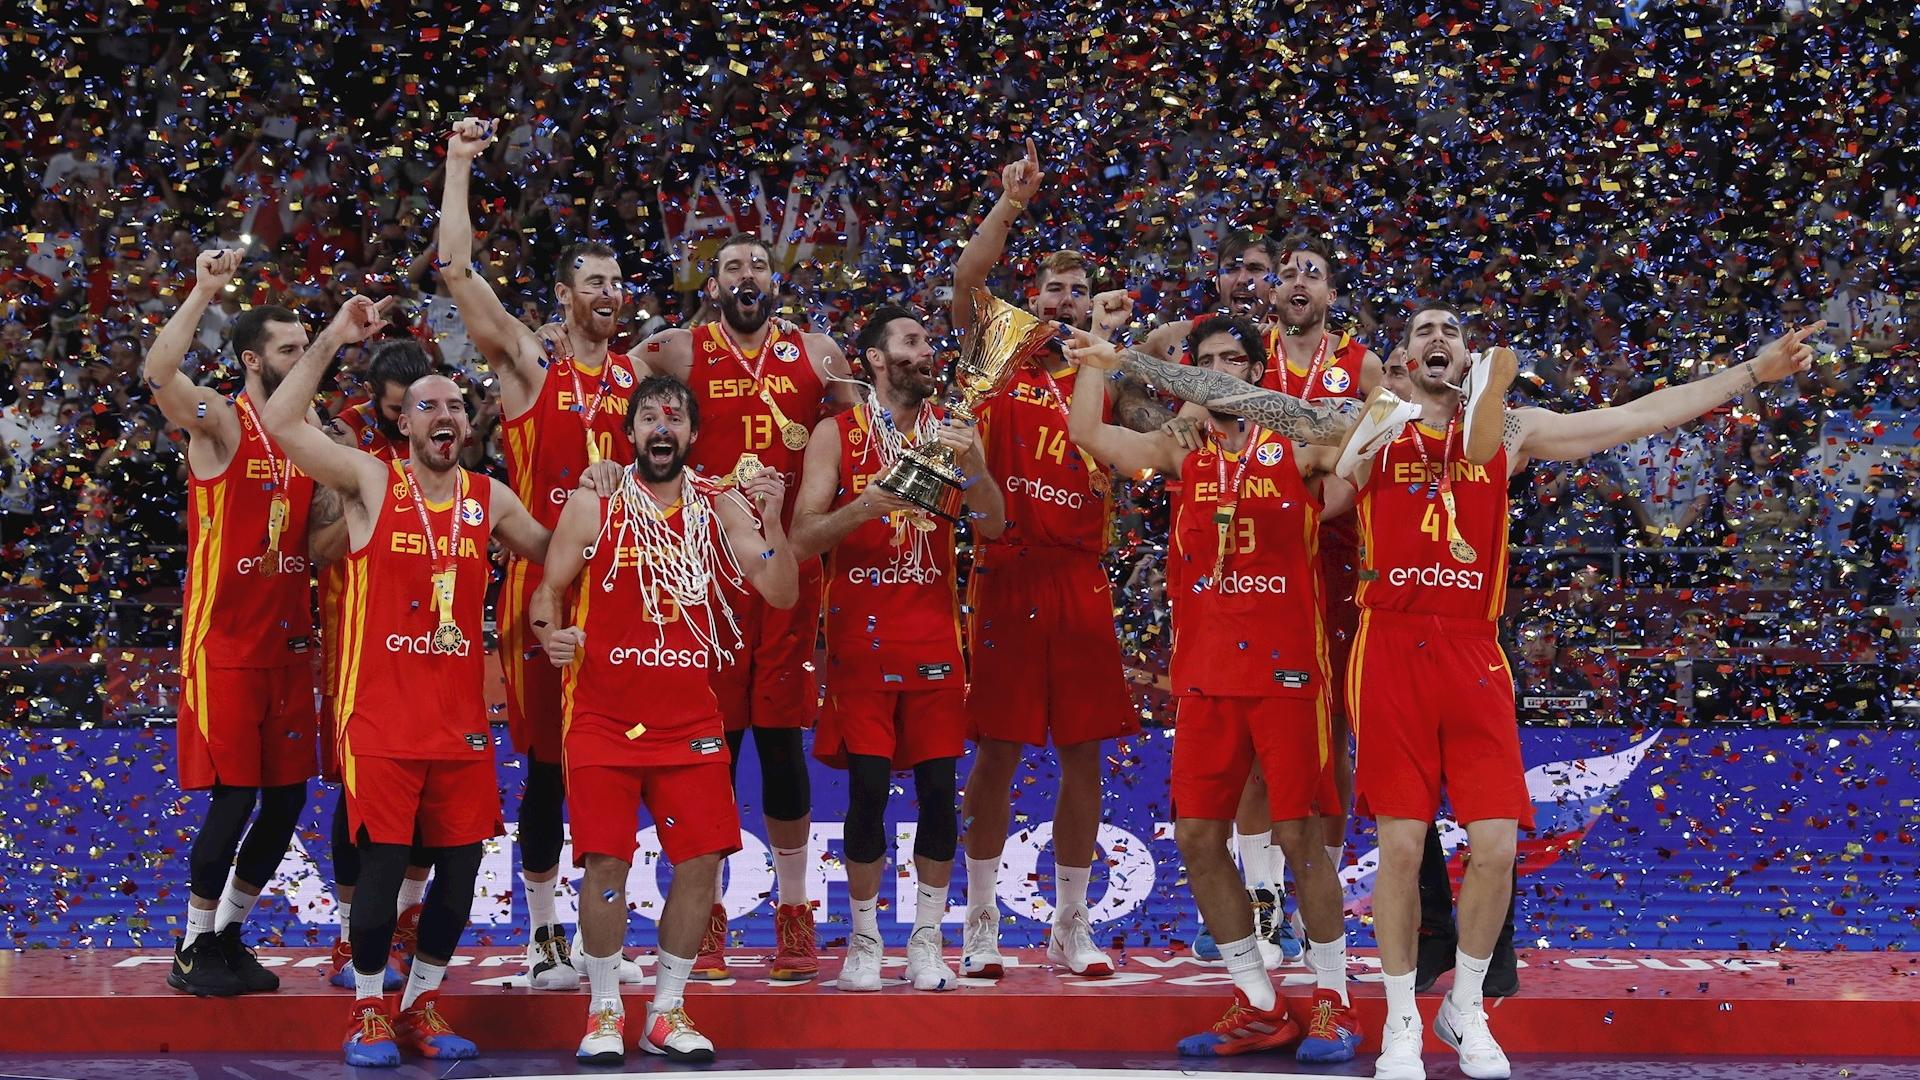 España Mundial Basquetbol Argentina campeón 2